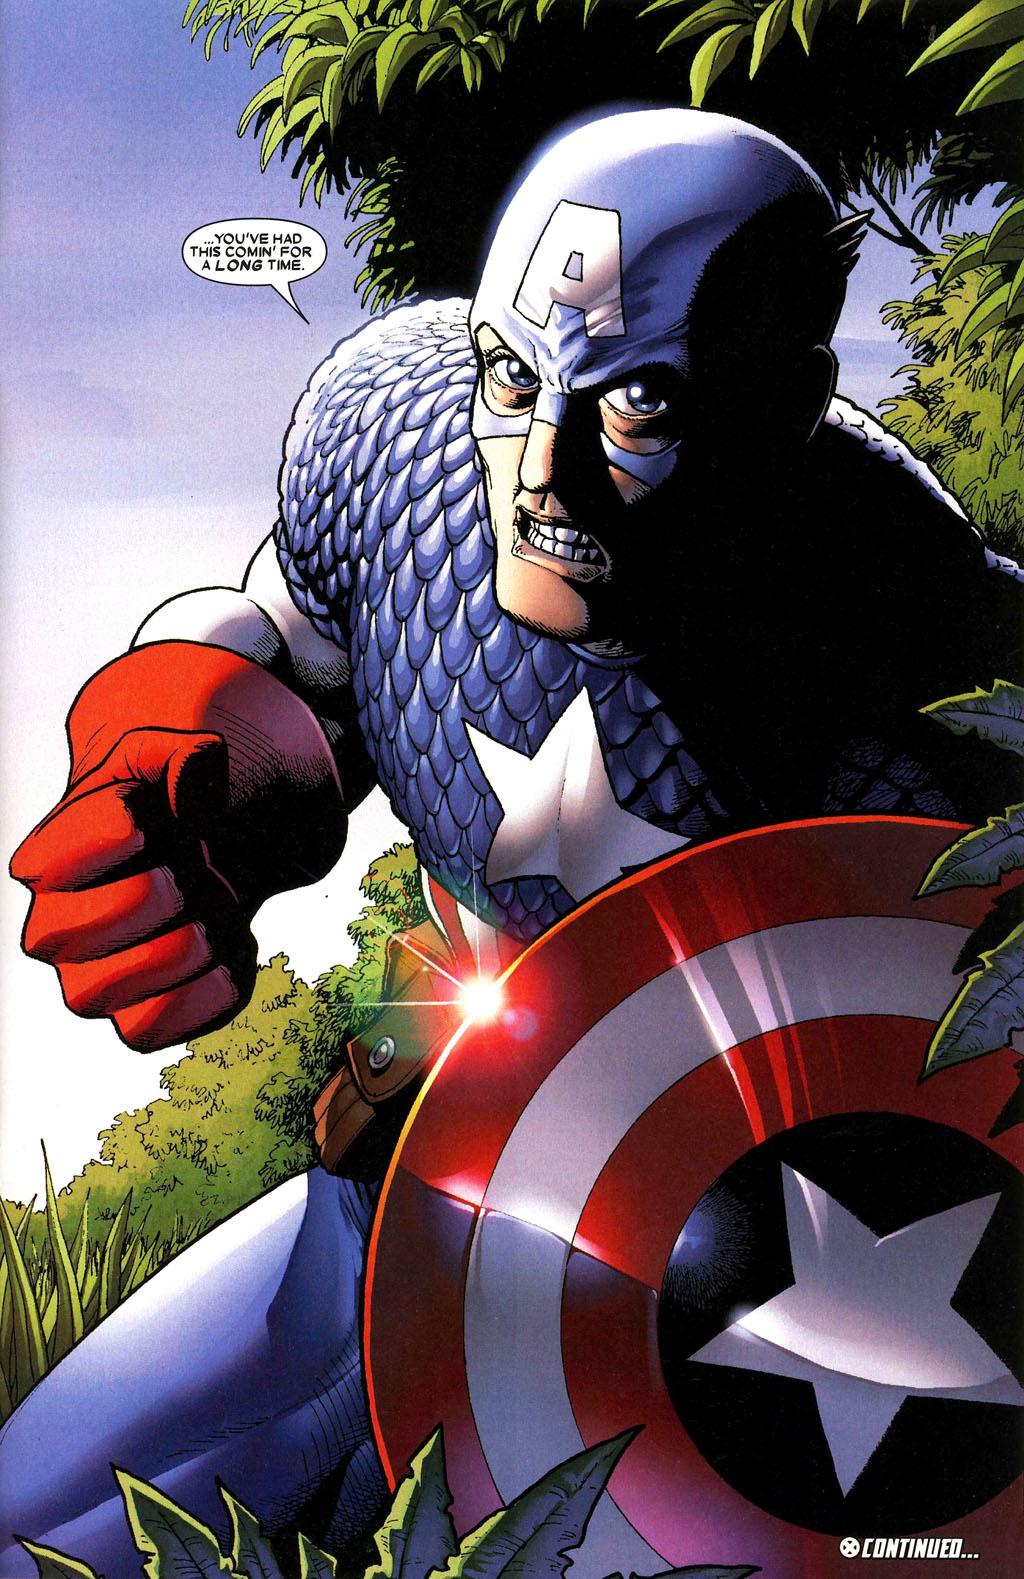 Read online Wolverine: Origins comic -  Issue #3 - 24